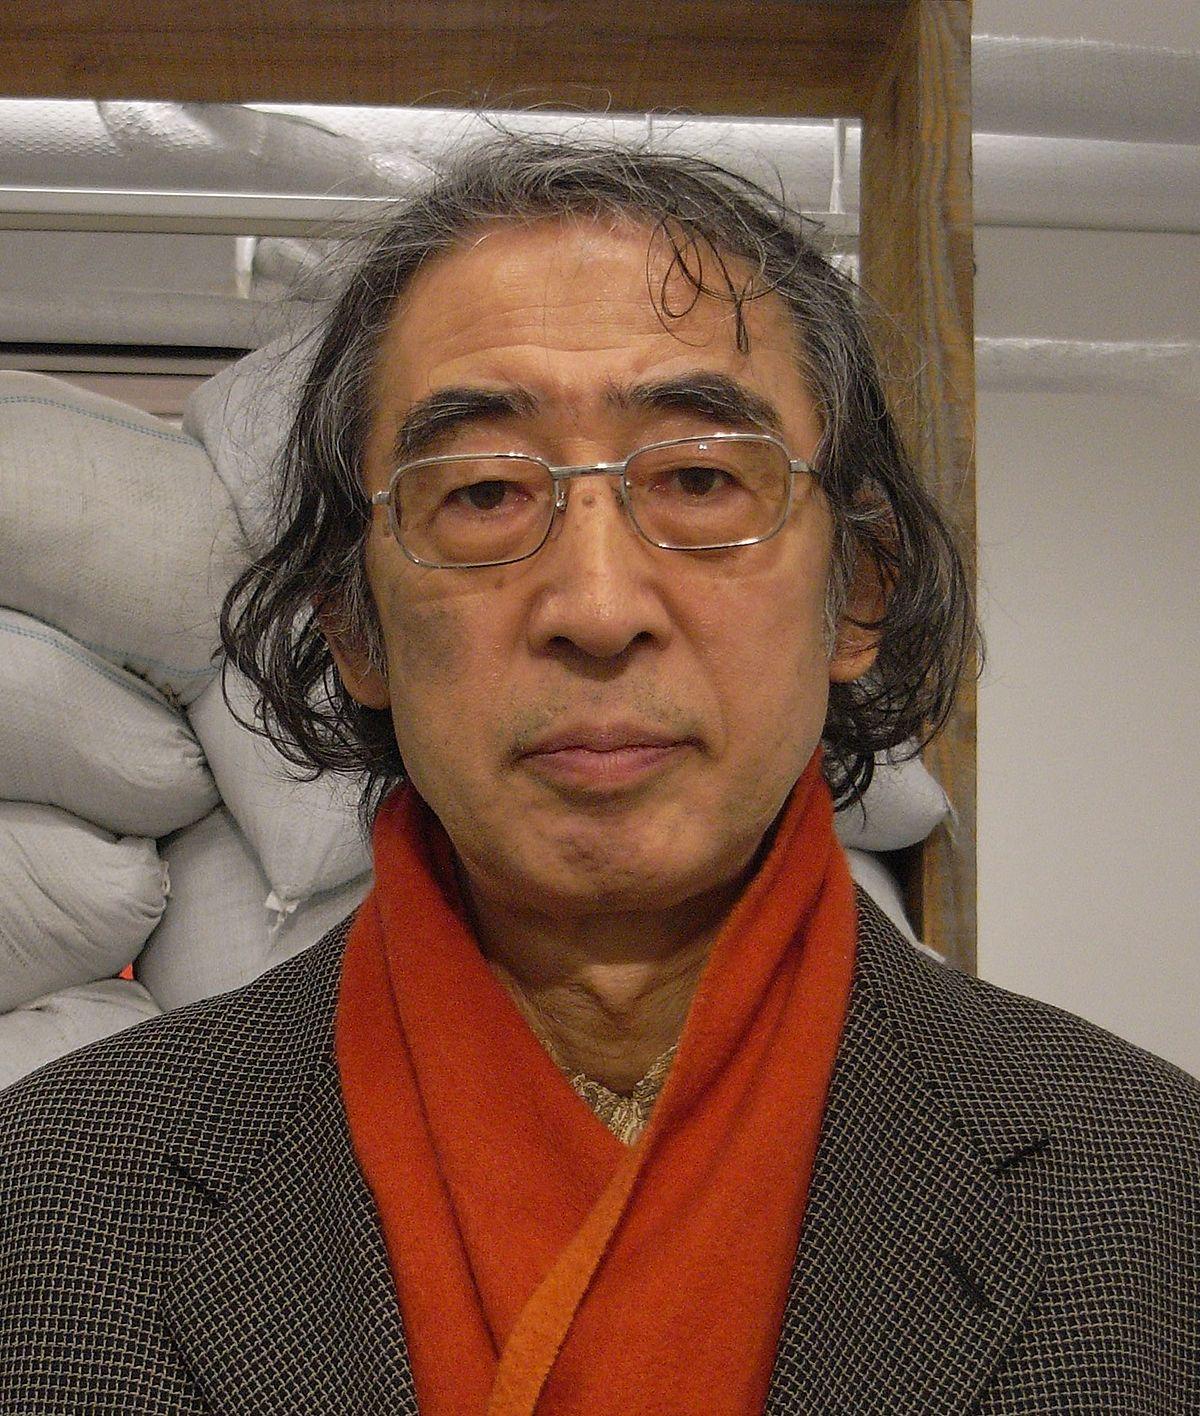 Kishio Suga  Wikipedia